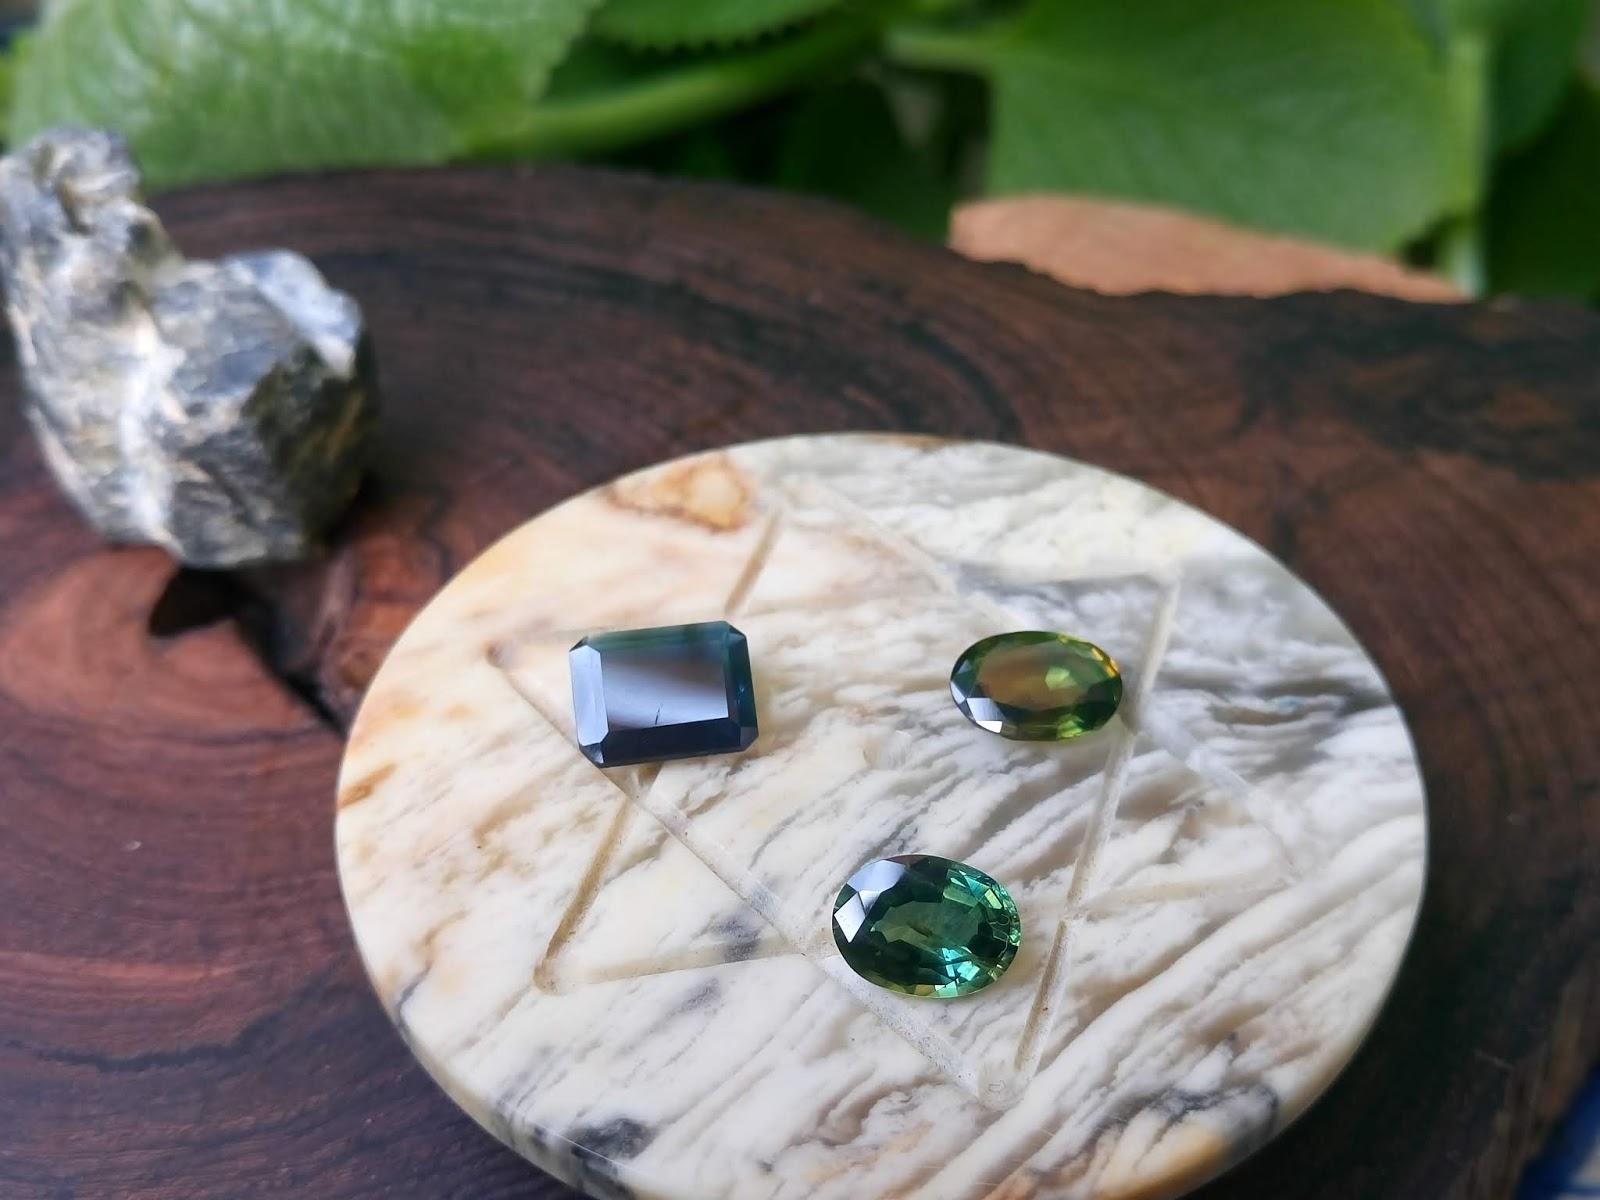 Đá Natural Sapphire thiên nhiên Hàng Việt Nam tuyển chọn sạch đẹp lửa mạnh